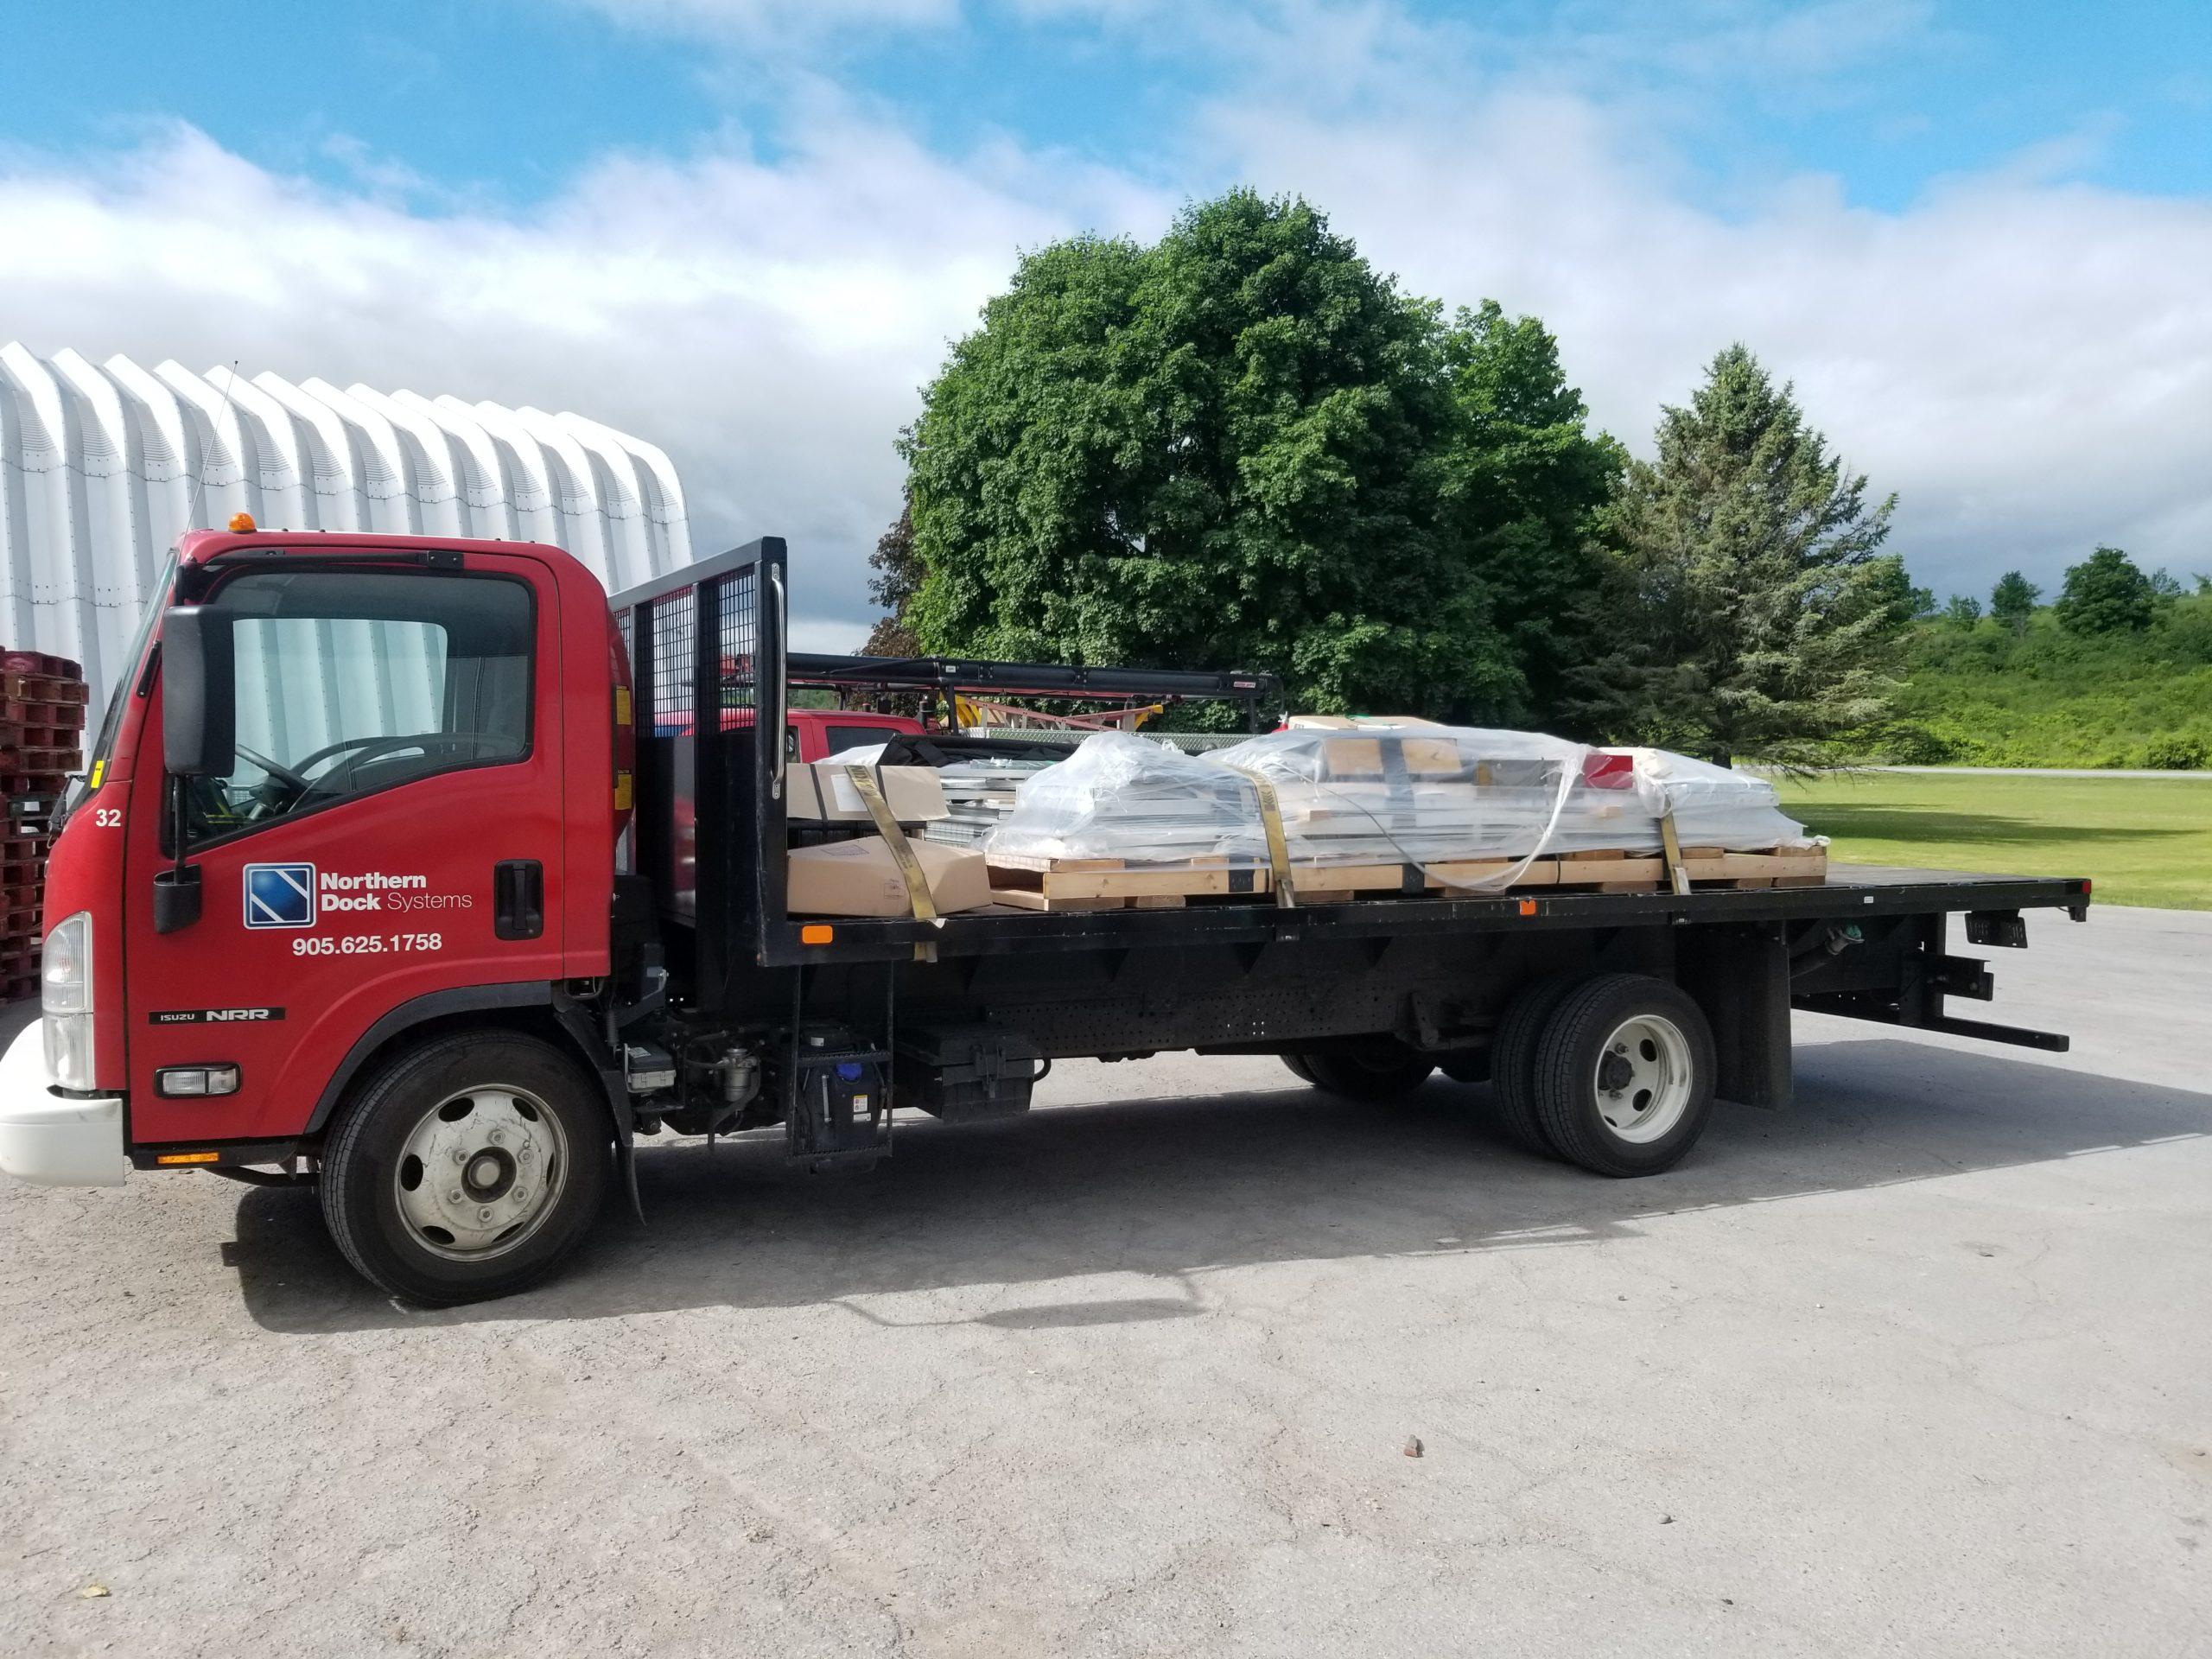 Flatbed truck with loading dock door equipment